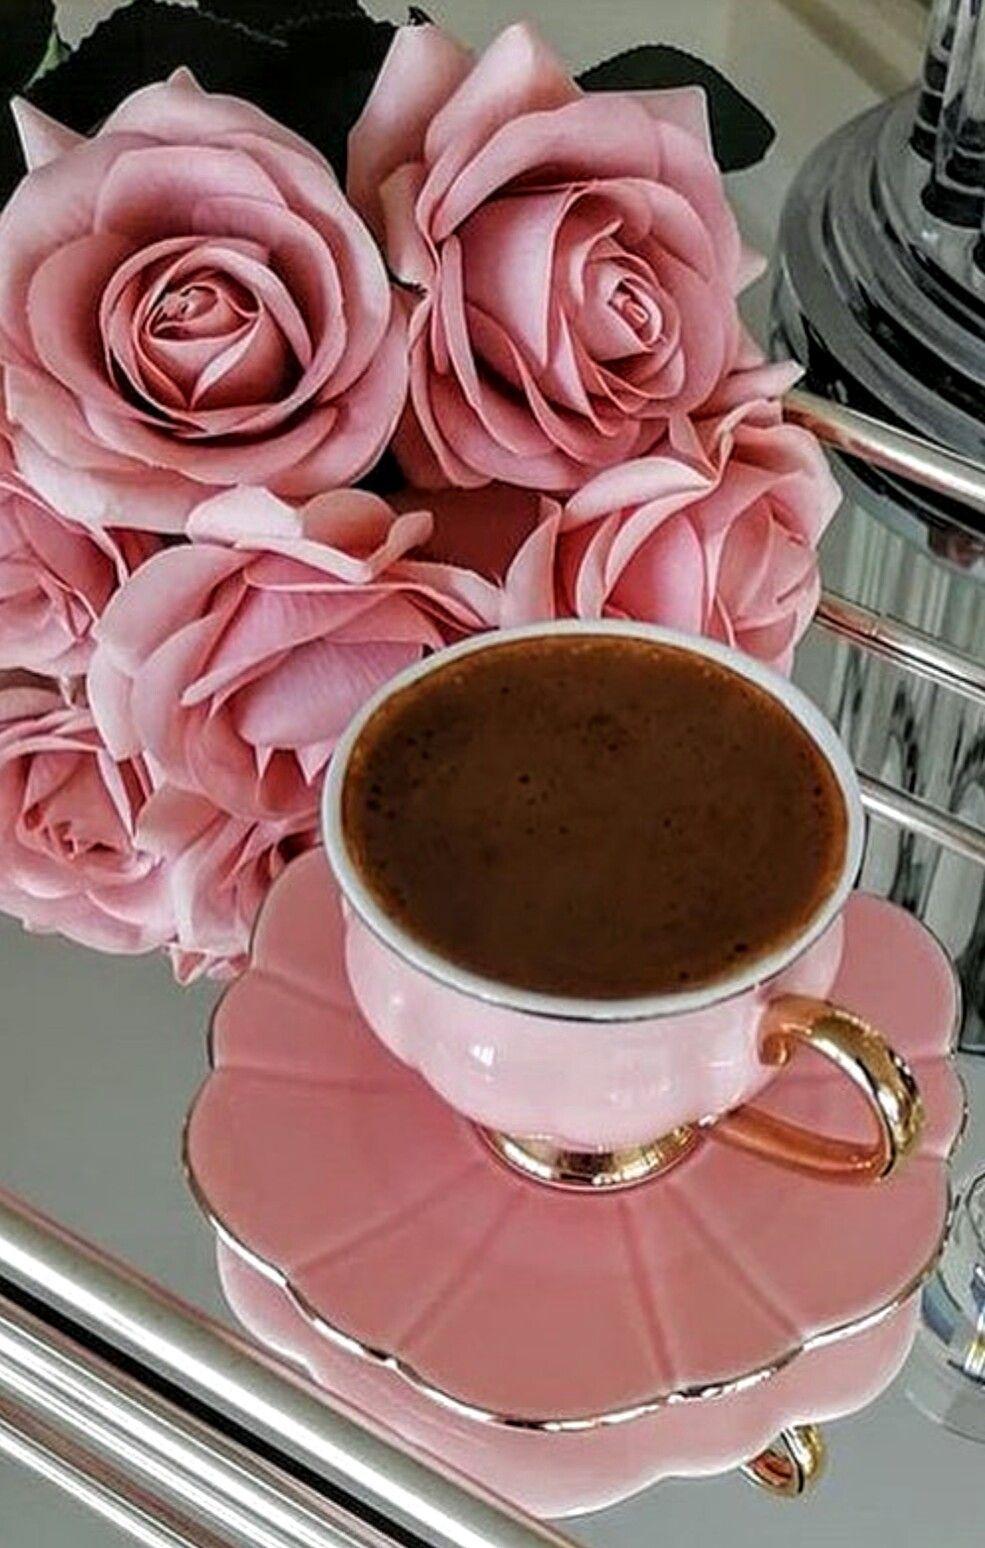 Buongiorno Caffe Coffee Time French Recipes In 2020 Good Morning Coffee Sweet Coffee Coffee Time